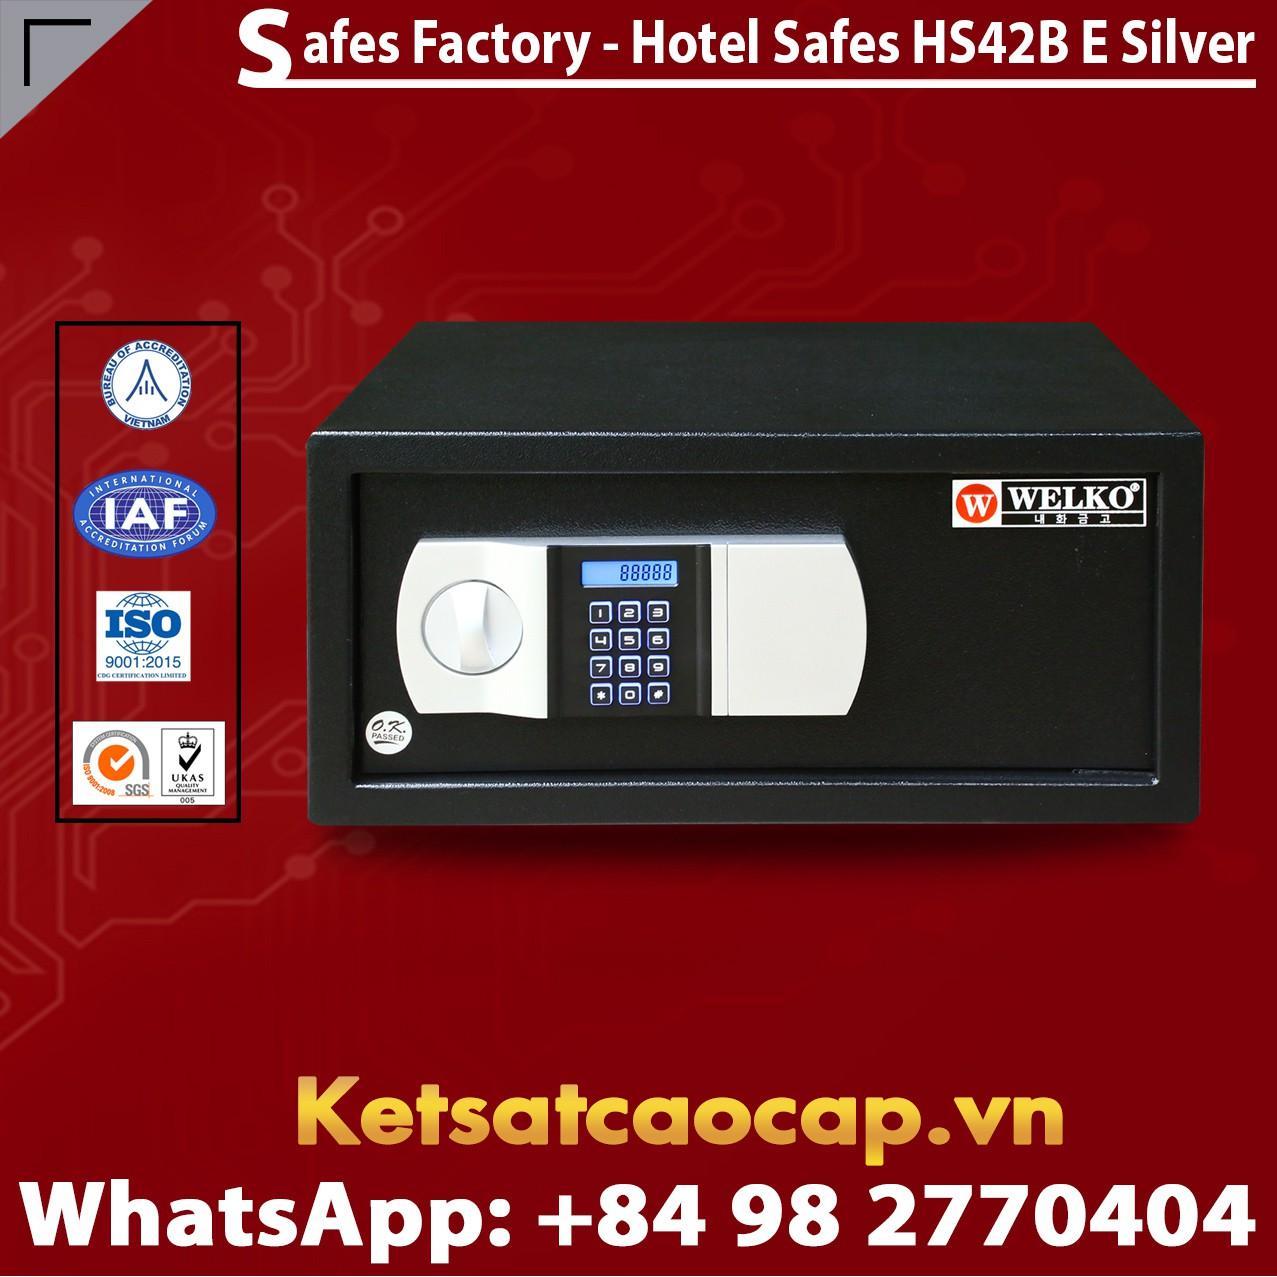 Két Sắt Khách Sạn Hotel Safes WELKO HS42 Black - E Silver